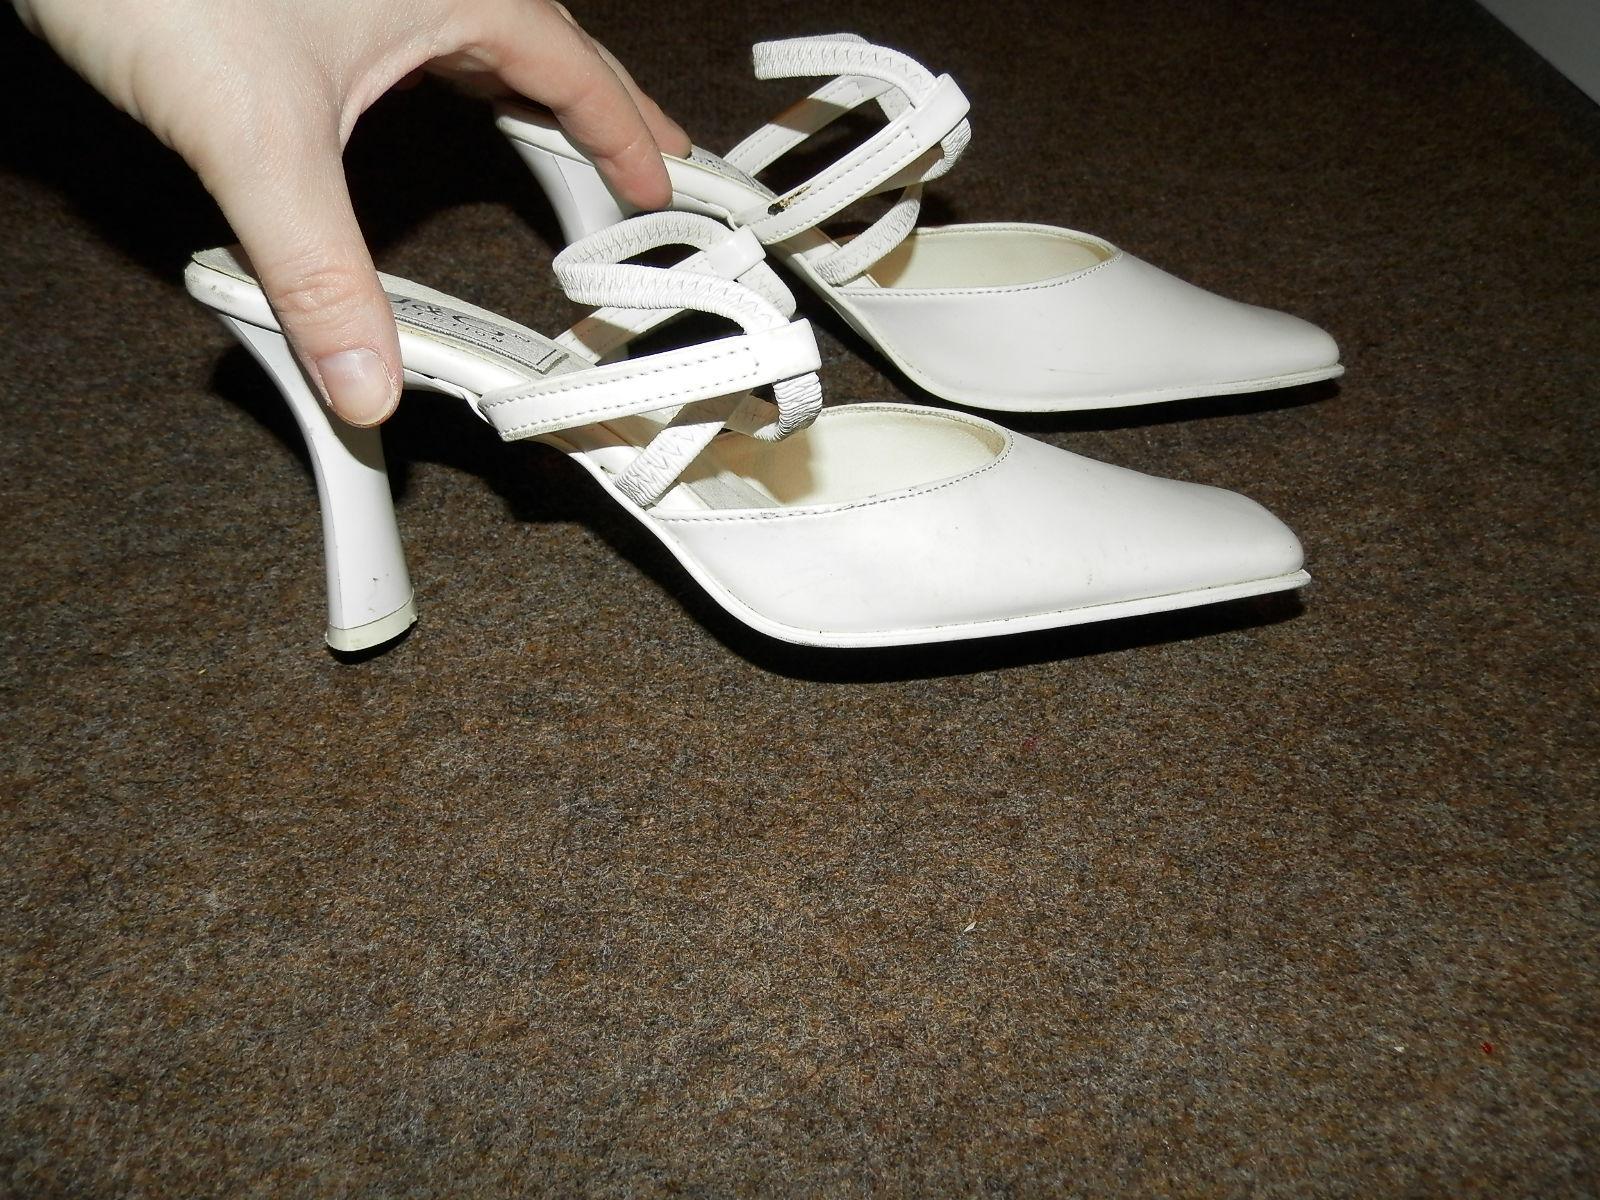 svadobné/spoločenské sandále - Obrázok č. 1